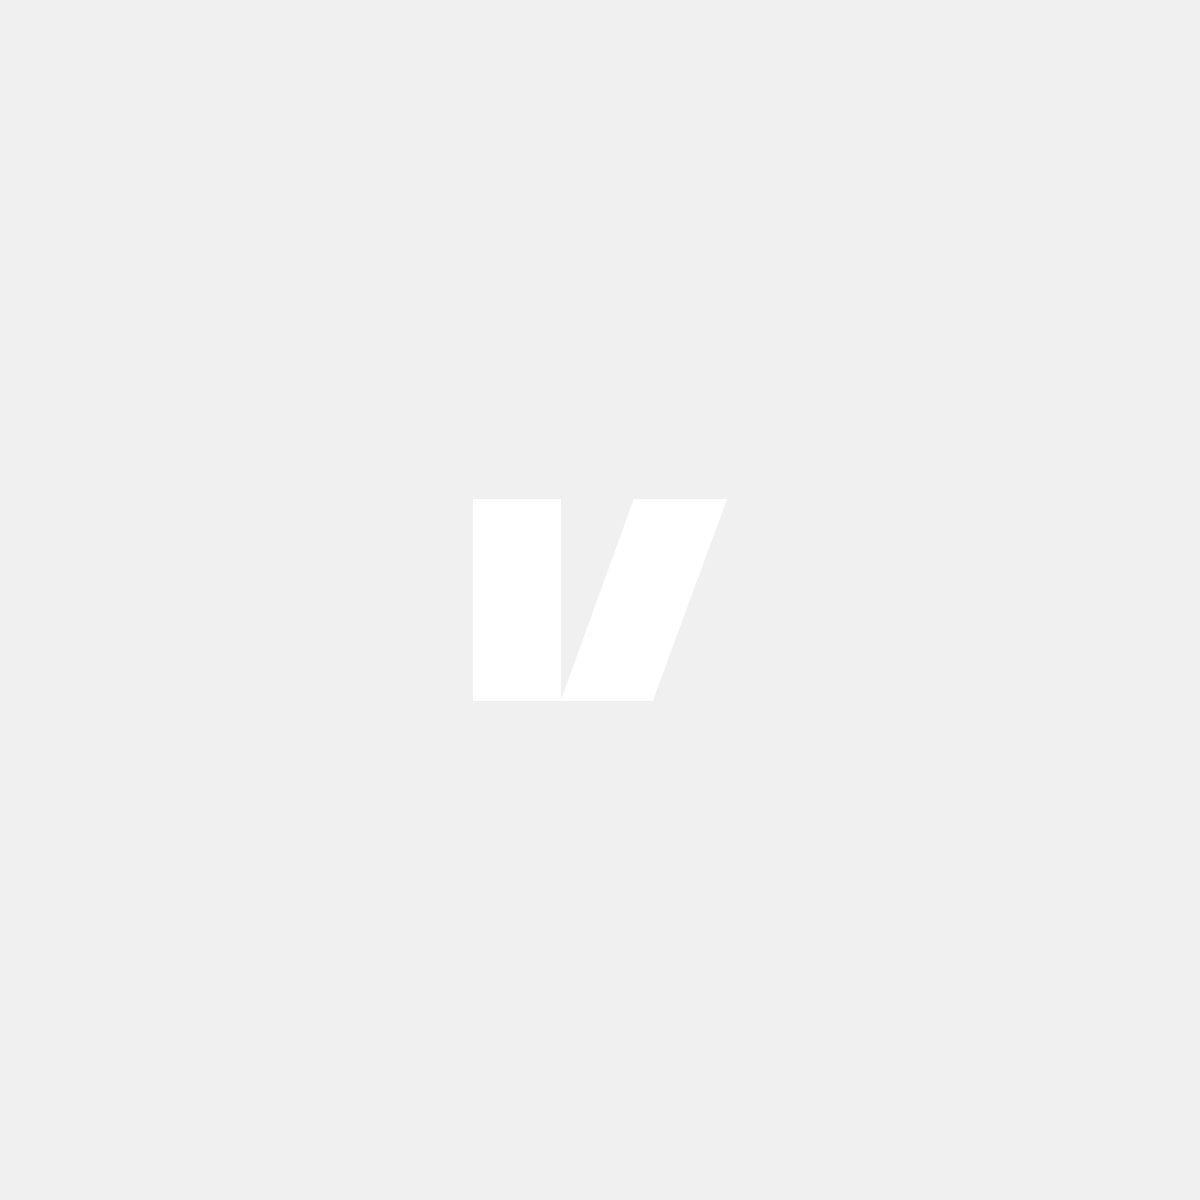 JR Sportluftfilter till Volvo 740, 760, 780, 940, 960, S90, V90